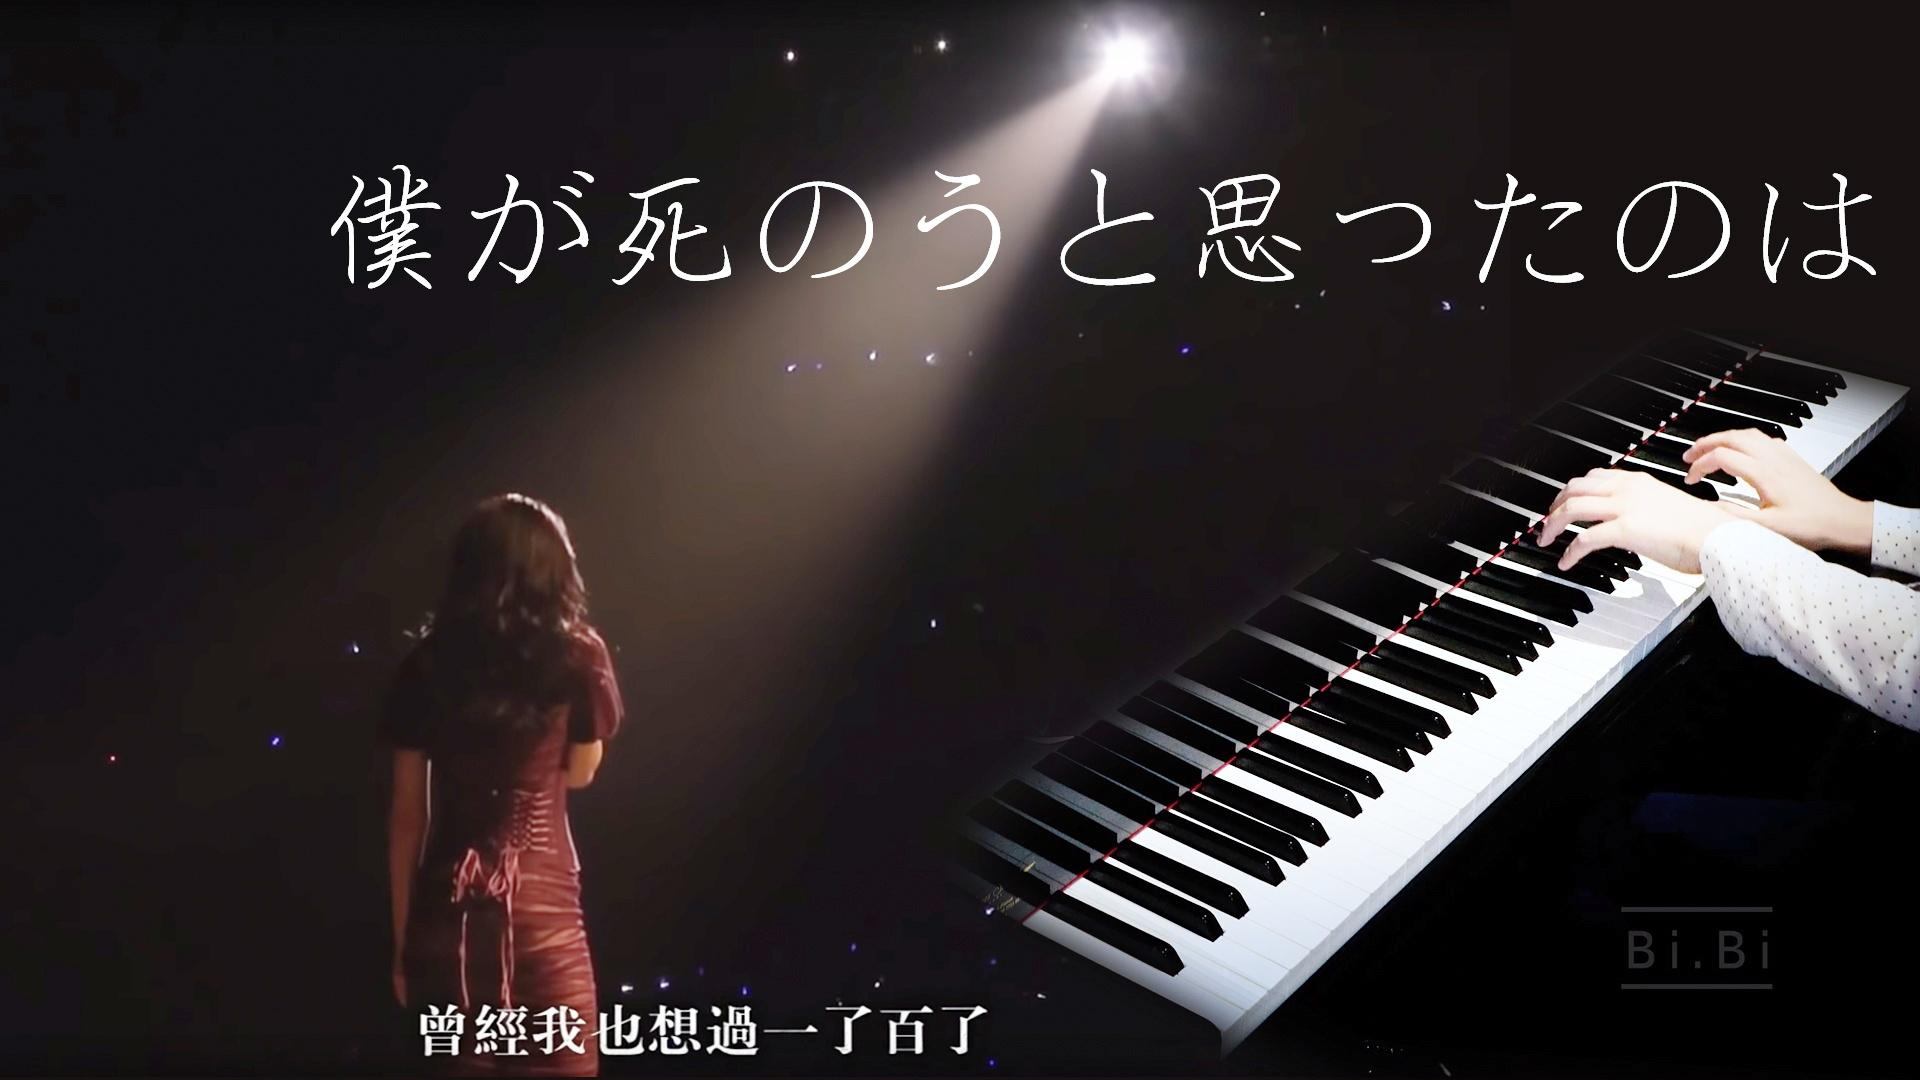 曾经我也想过一了百了,钢琴演绎中岛美嘉,弹着弹着就哭了